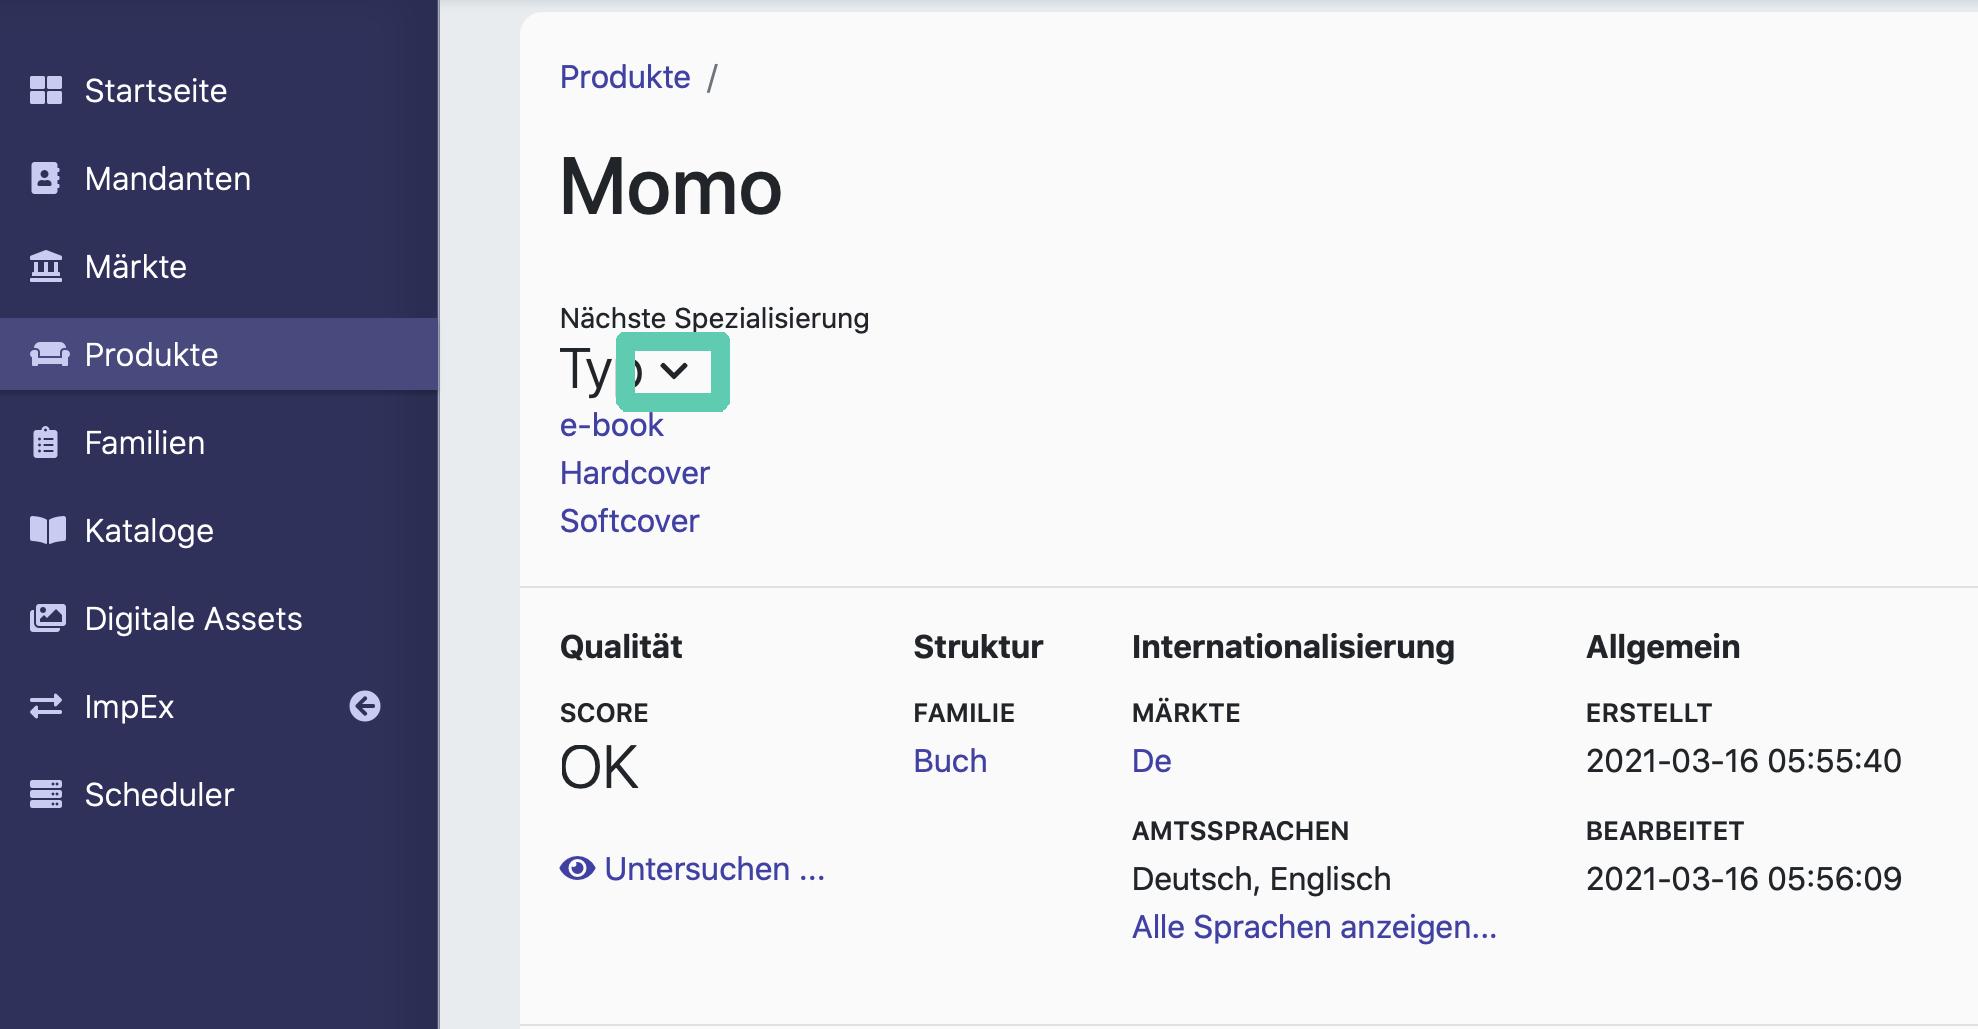 """Eine Übersicht von Spezialisierungen im Produkt """"Momo""""."""